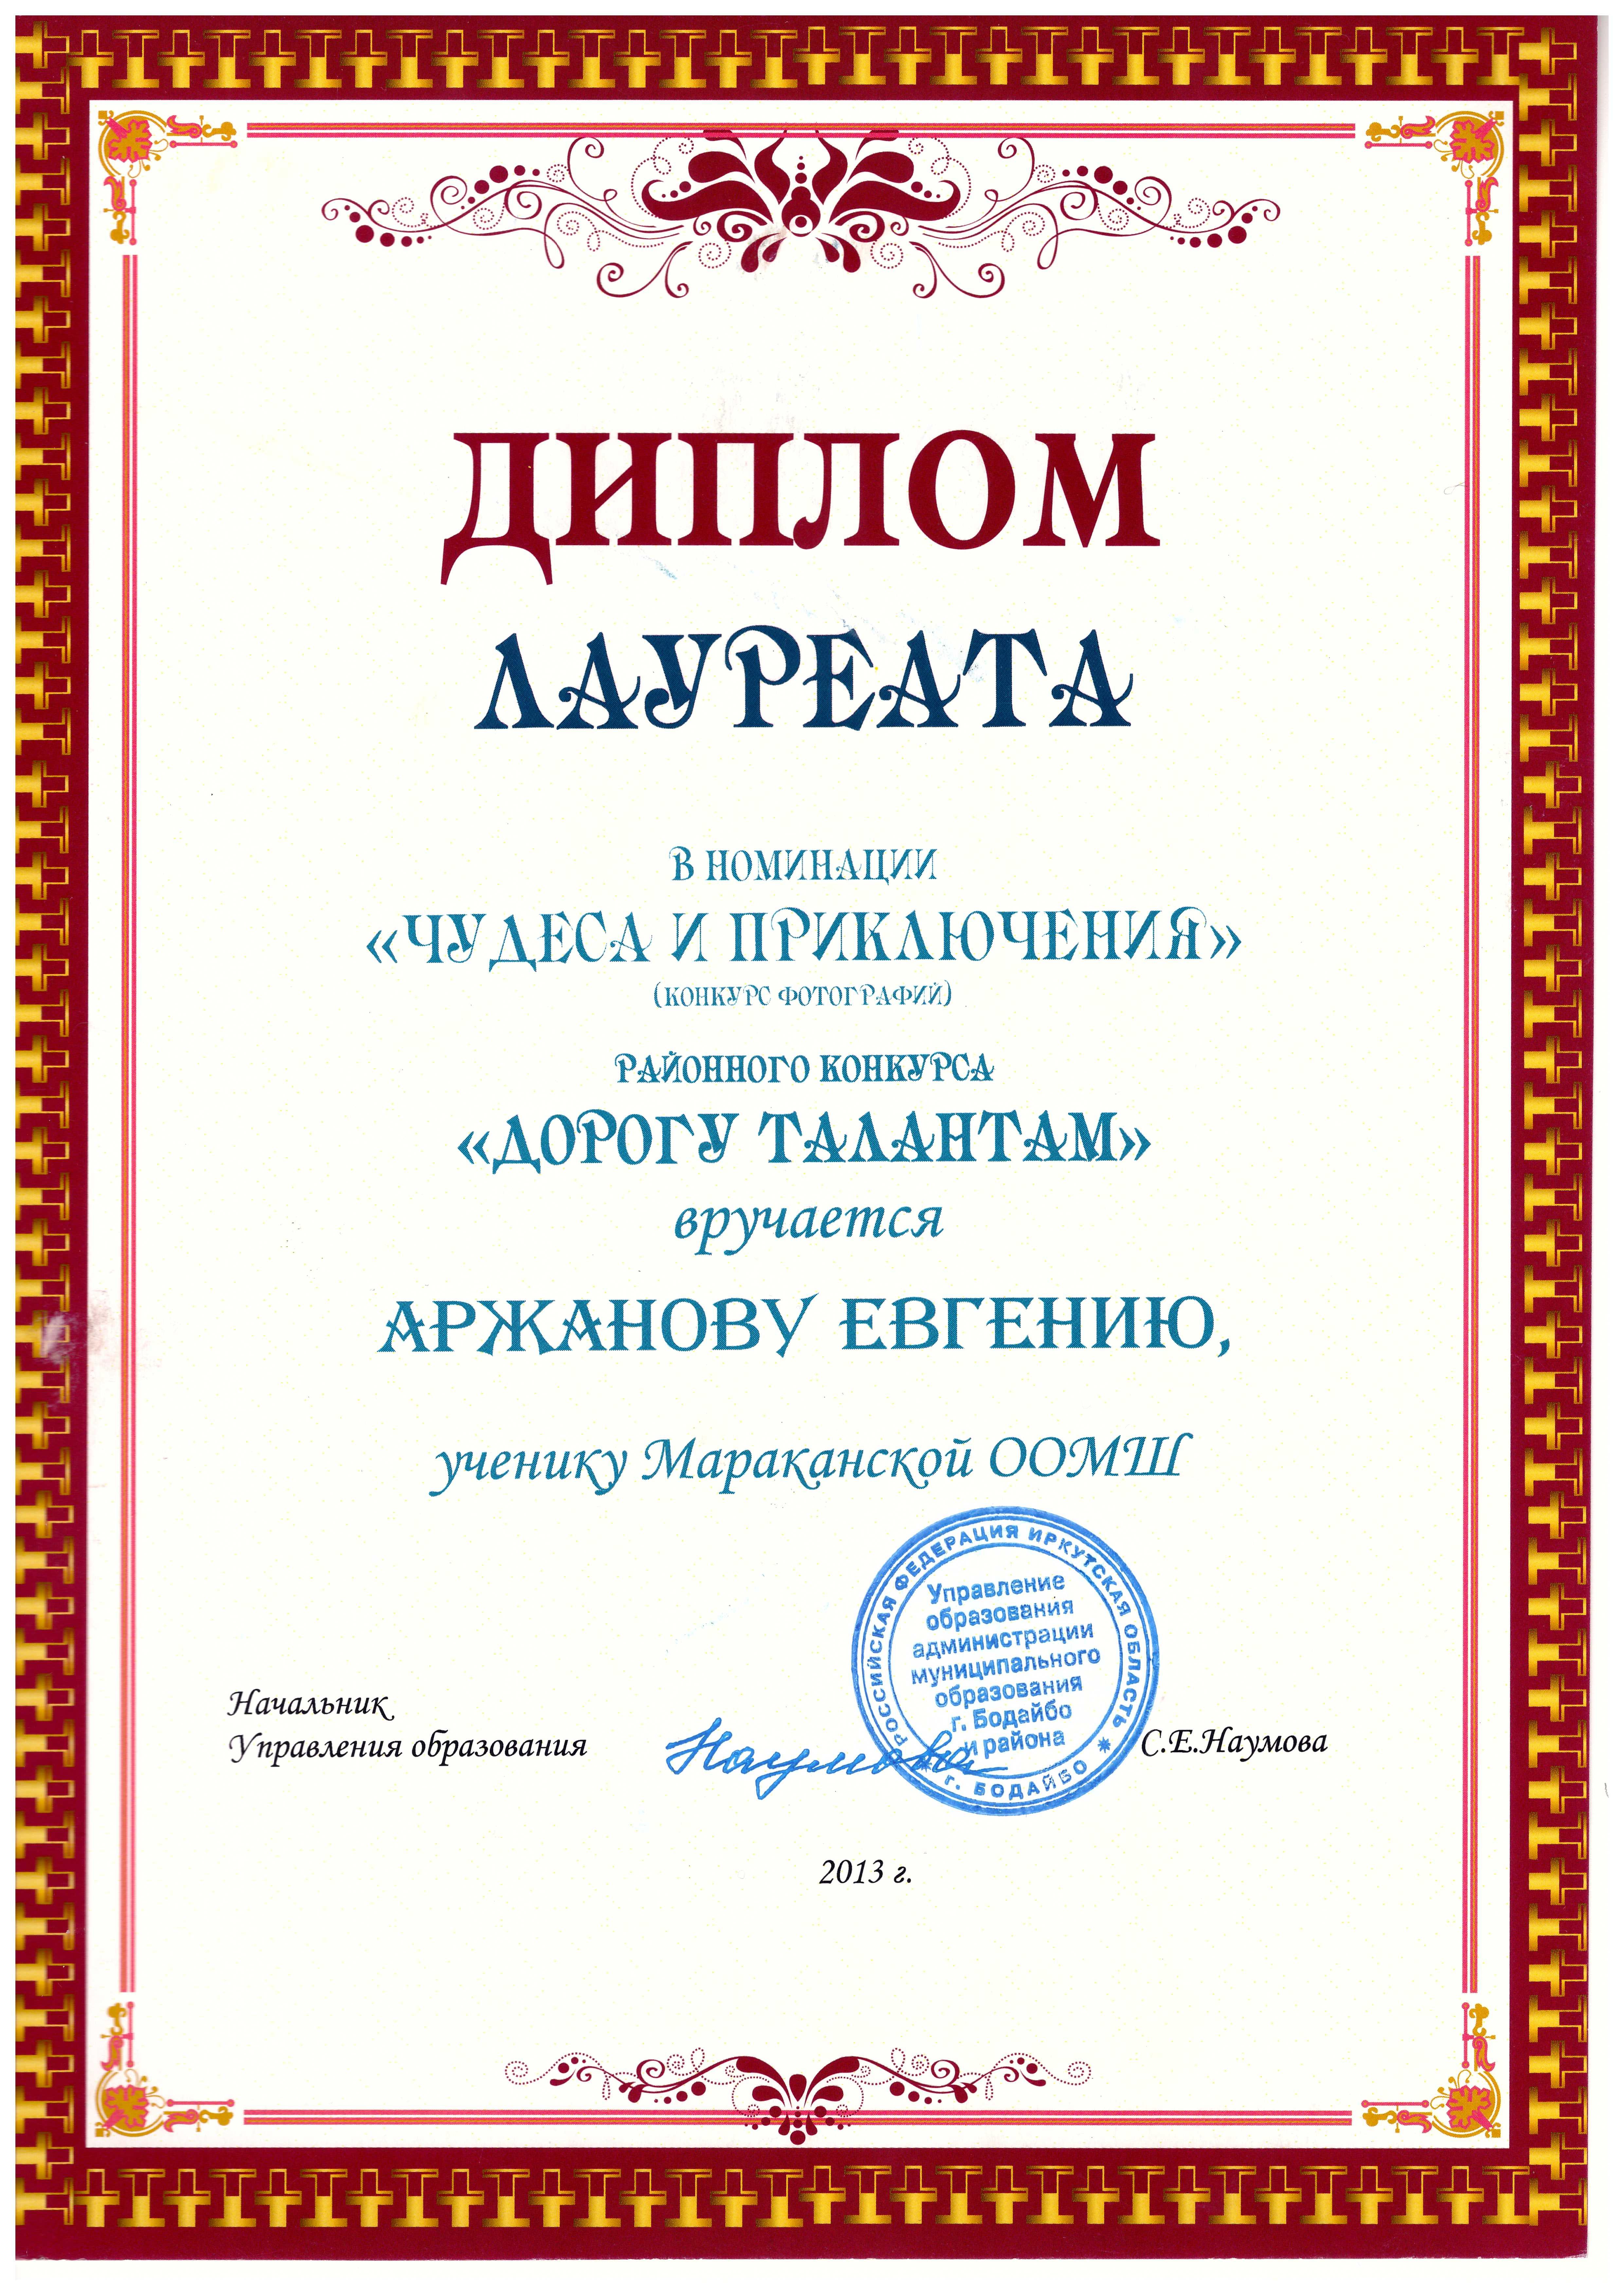 Грамота Аржанова Евгения